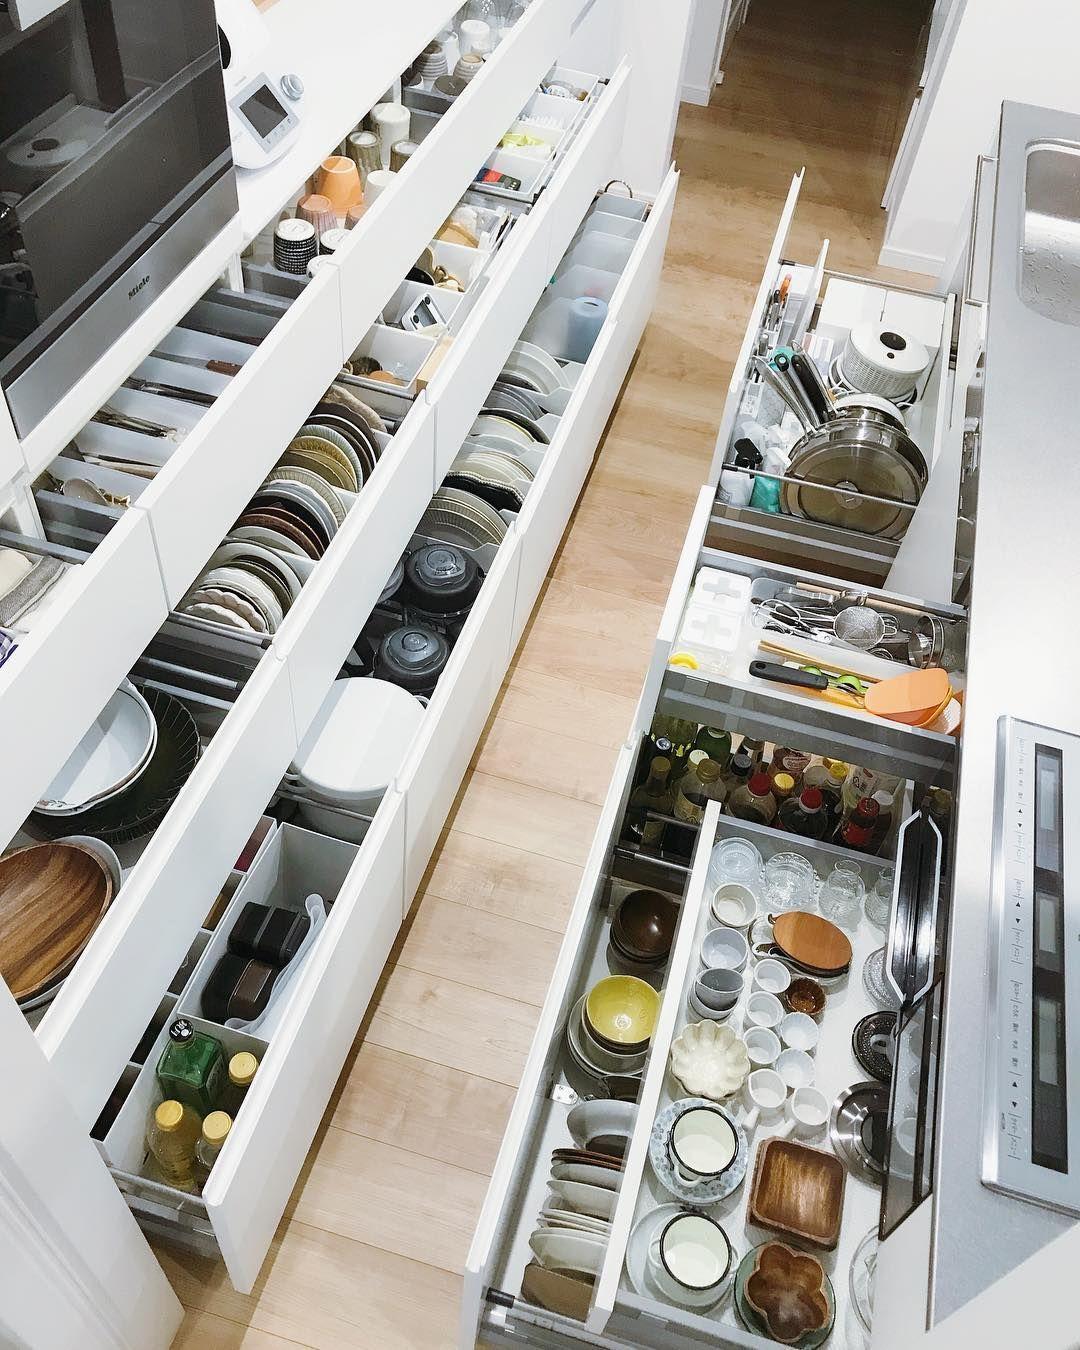 Lenghuanhuan On Instagram キッチン引き出し収納 今度ちゃんと写真撮ろう キッチン収納 オーダーキッチン キッチン 収納 引き出し キッチン 引き出し 食器 収納 引き出し